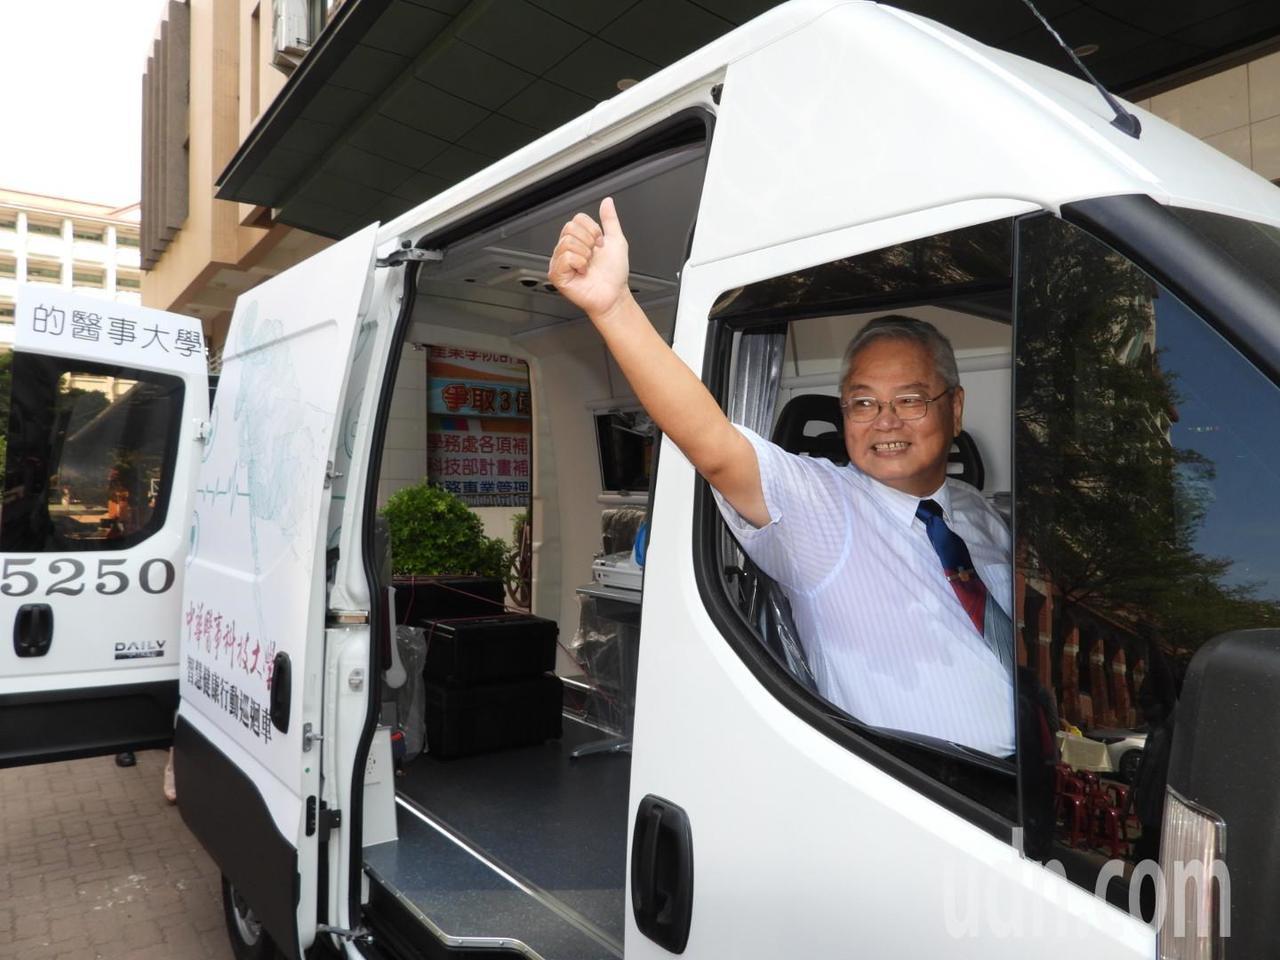 董事長鄭啟瑞稱讚巡迴車功能完備。記者周宗禎/攝影